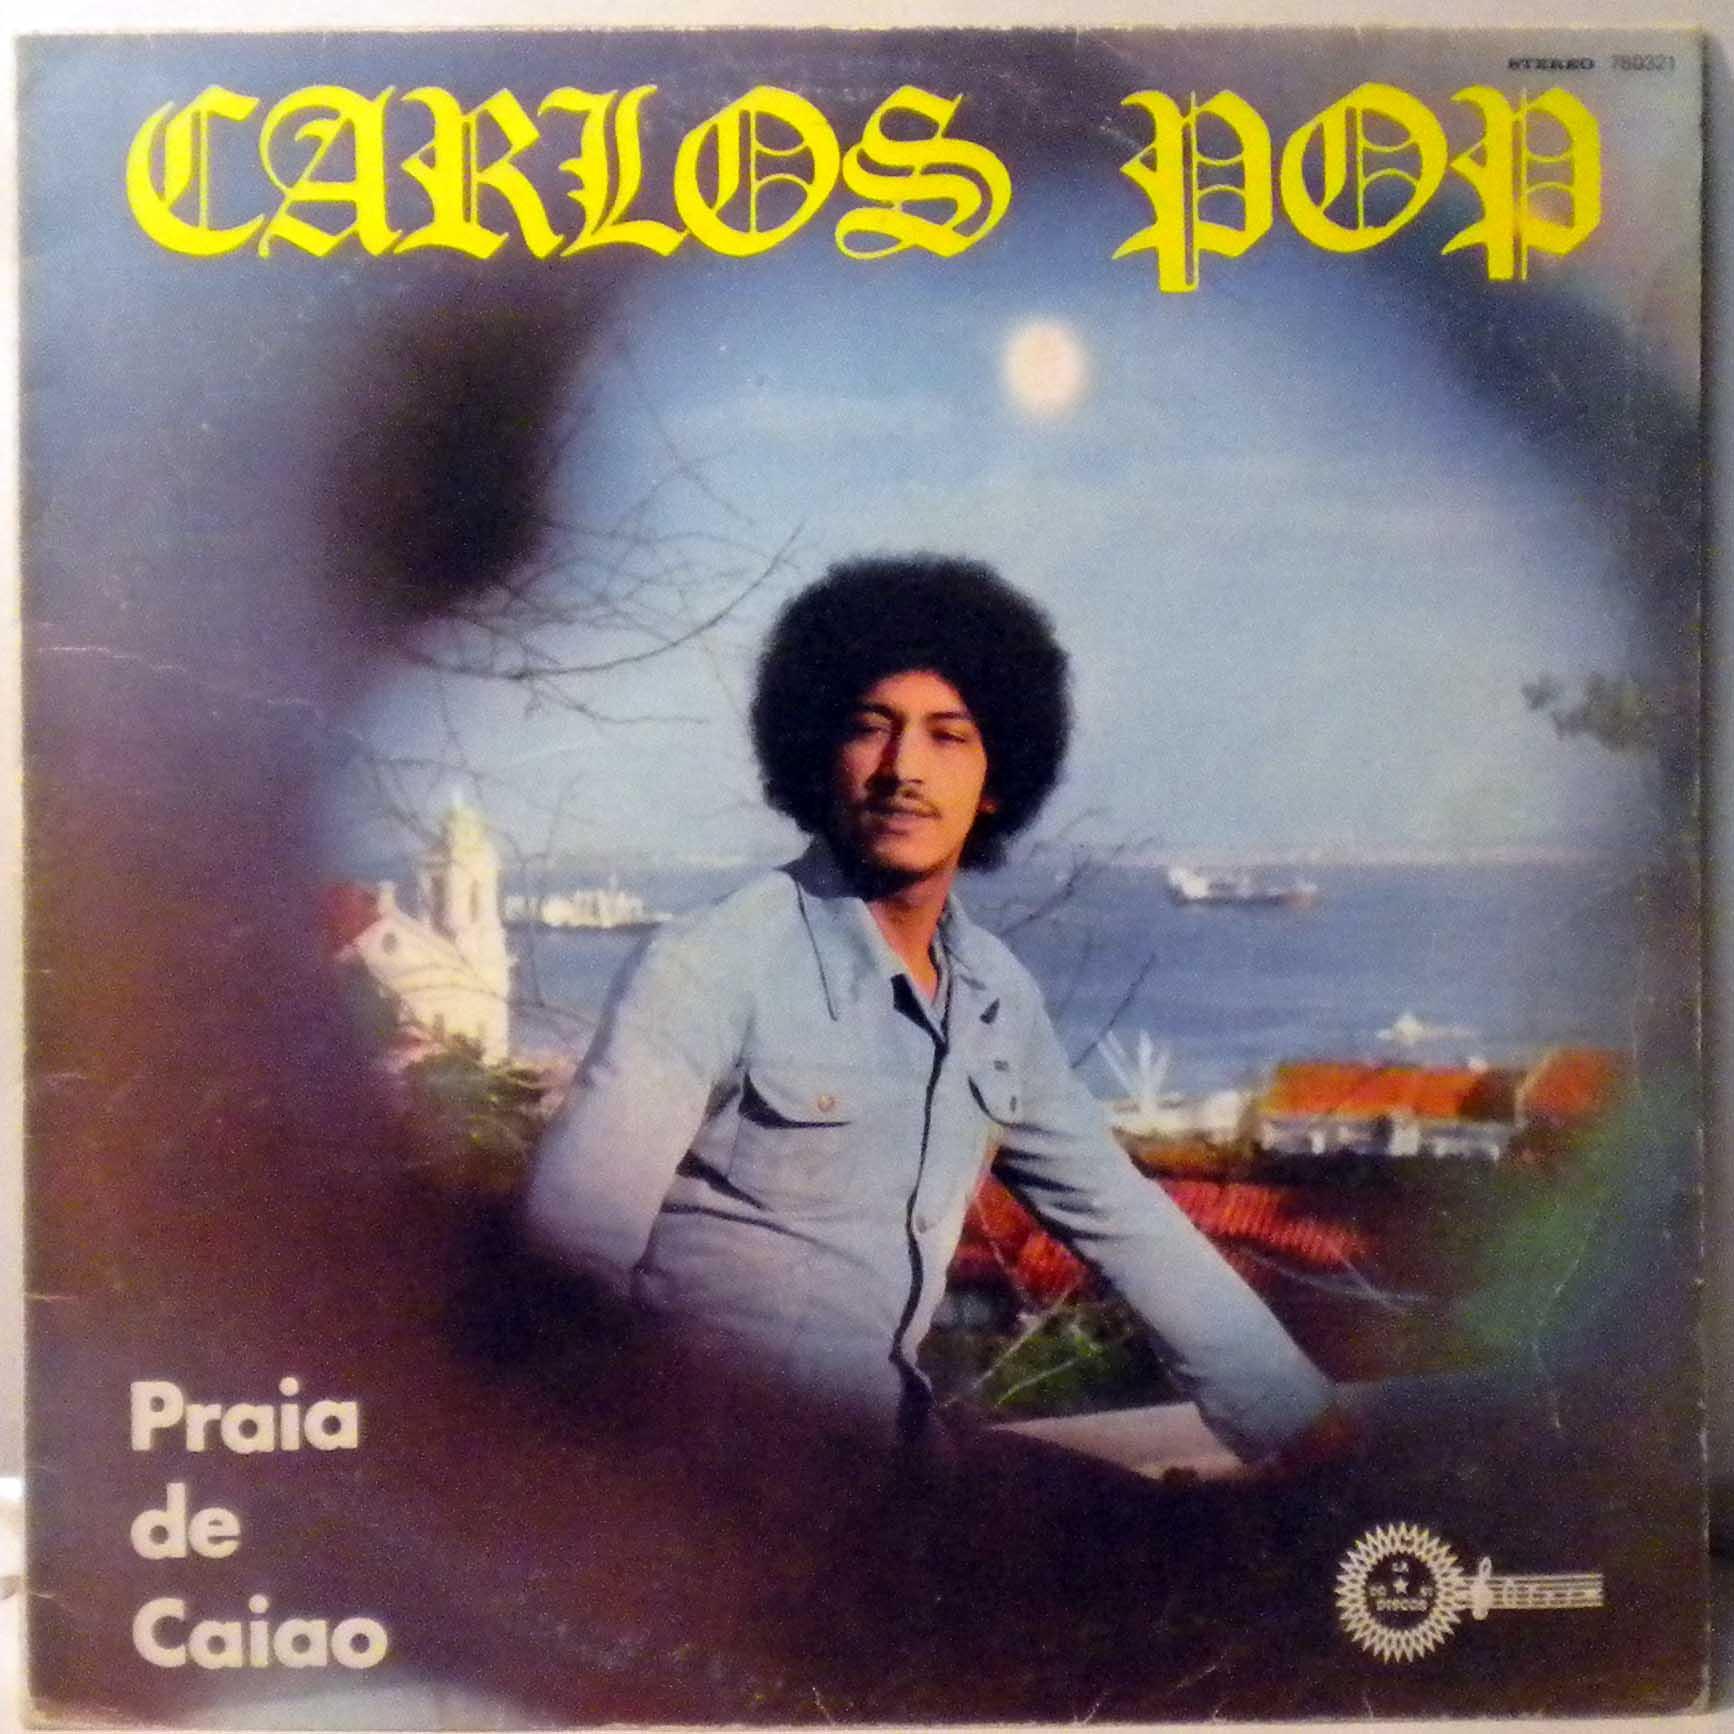 CARLOS POP - Praia de caiao - LP